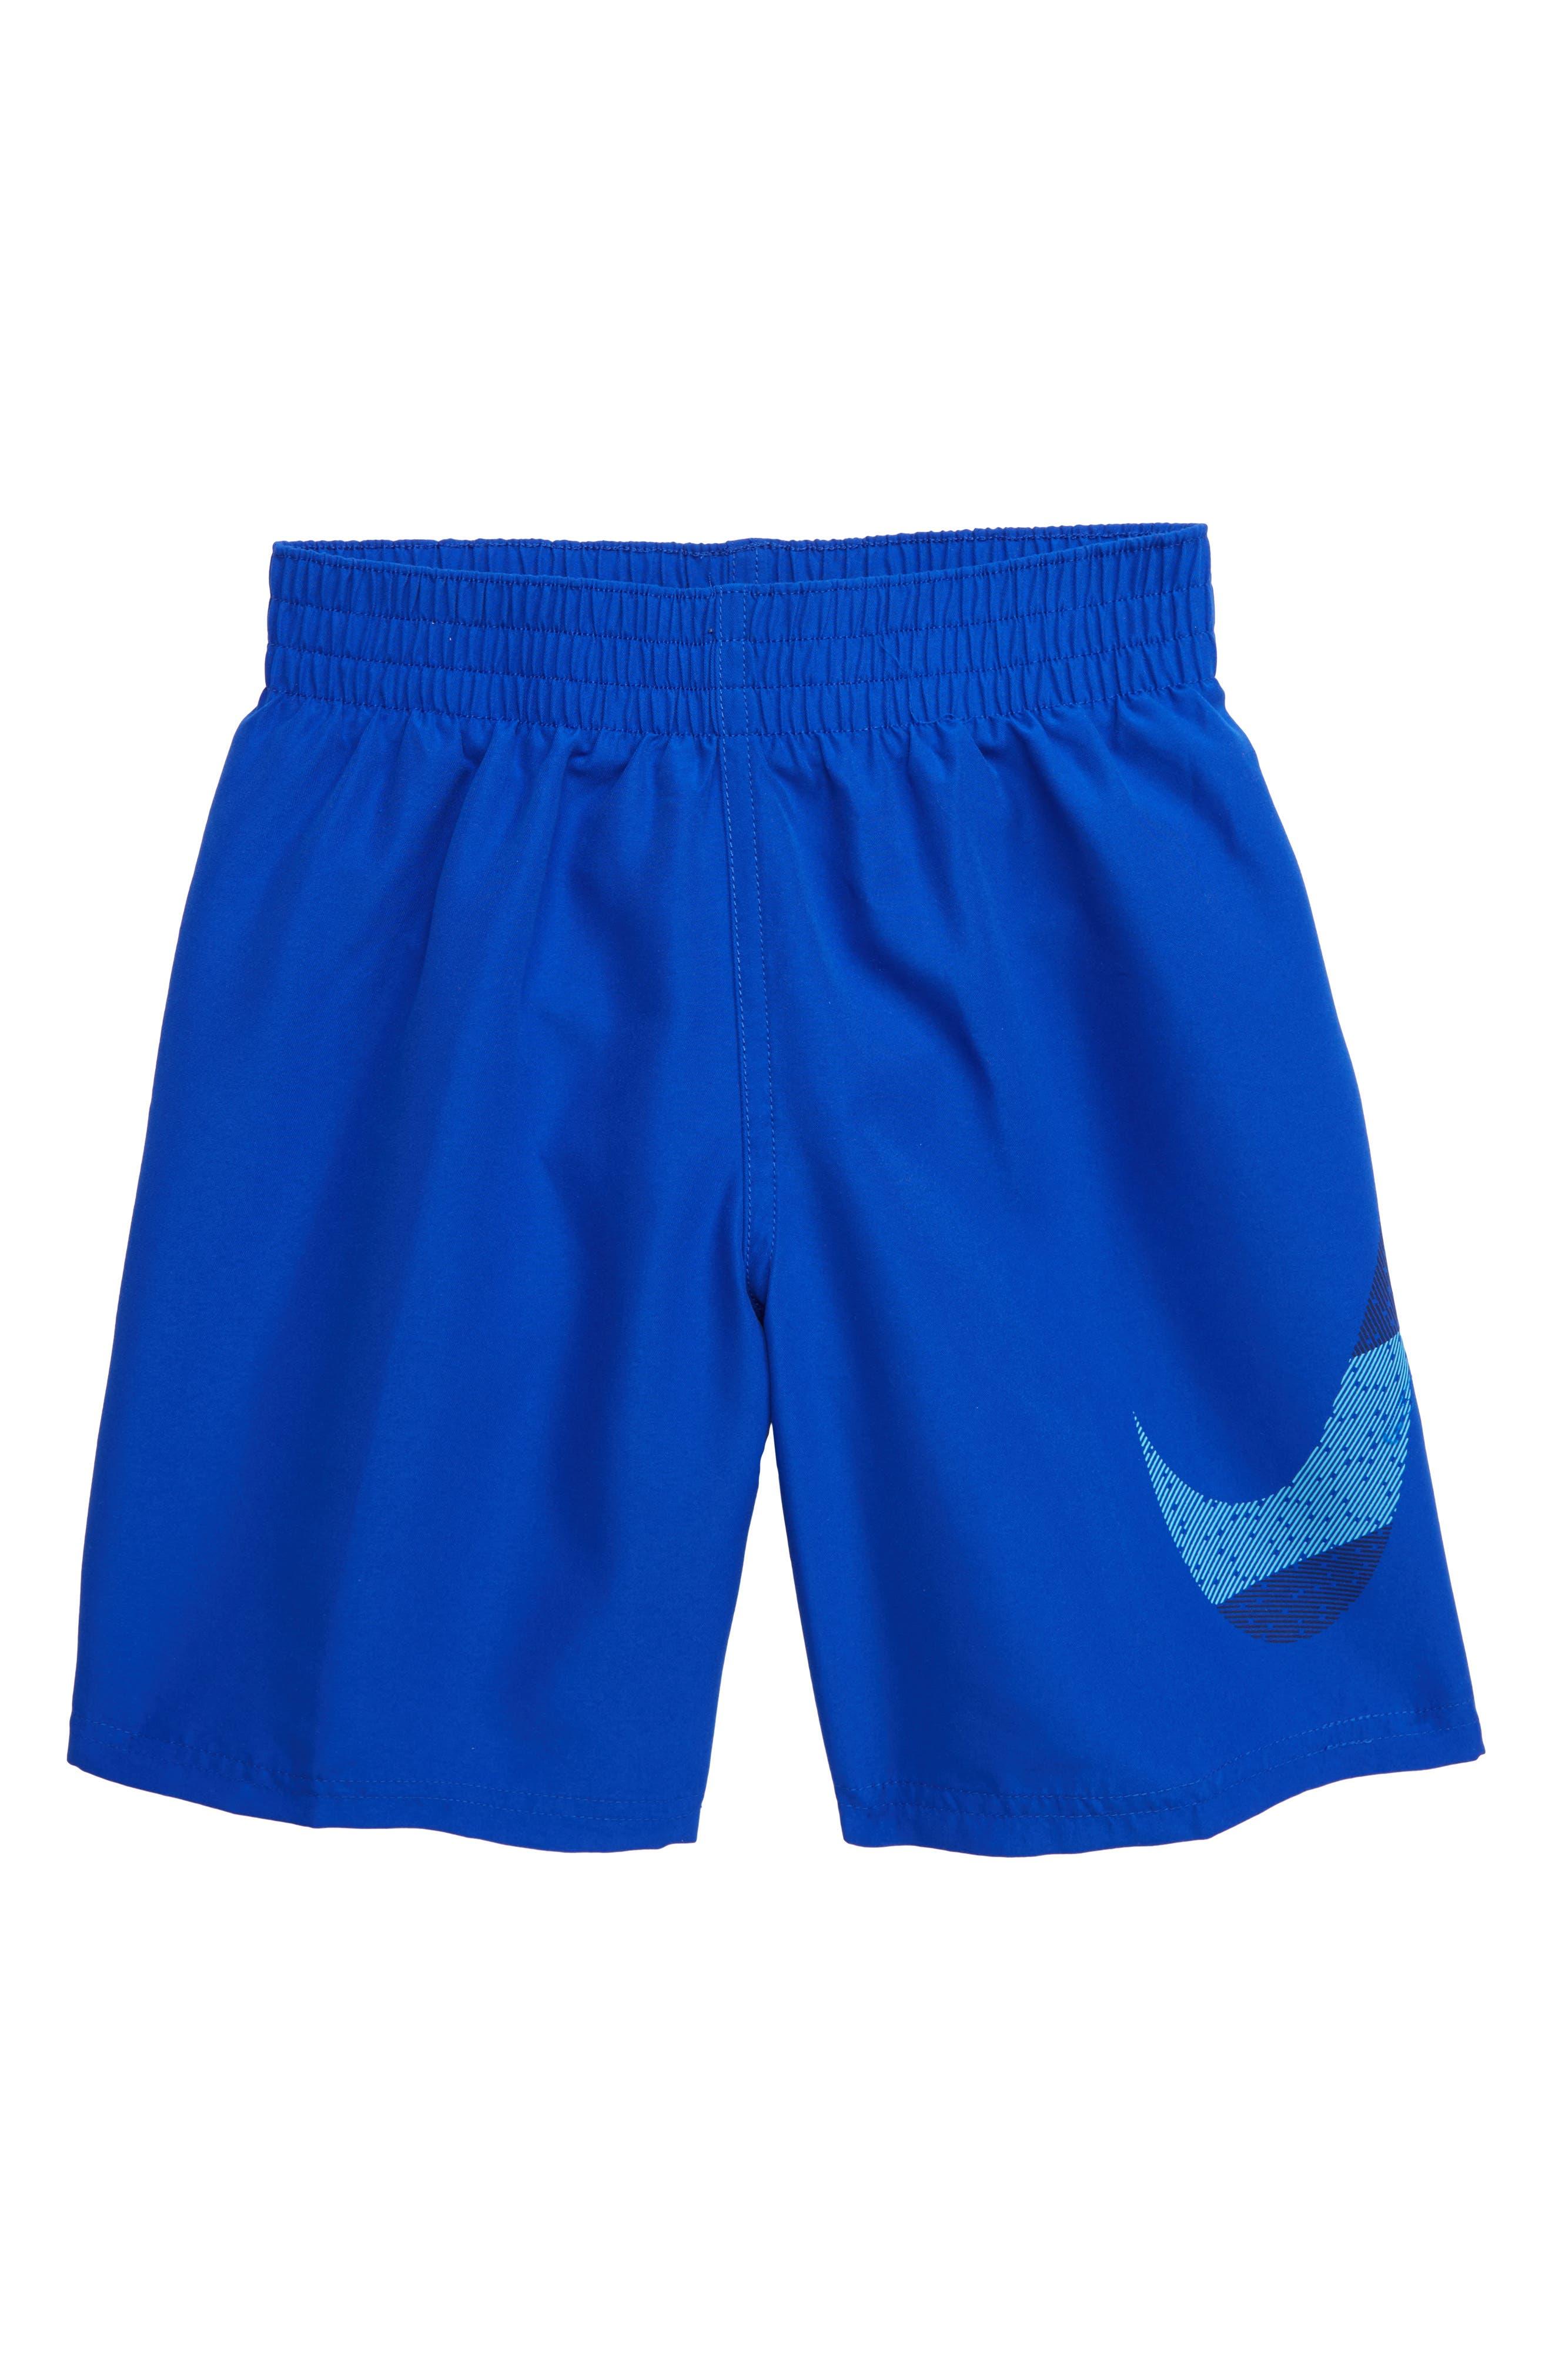 NIKE, Mash-Up Breaker Volley Shorts, Main thumbnail 1, color, HYPER ROYAL